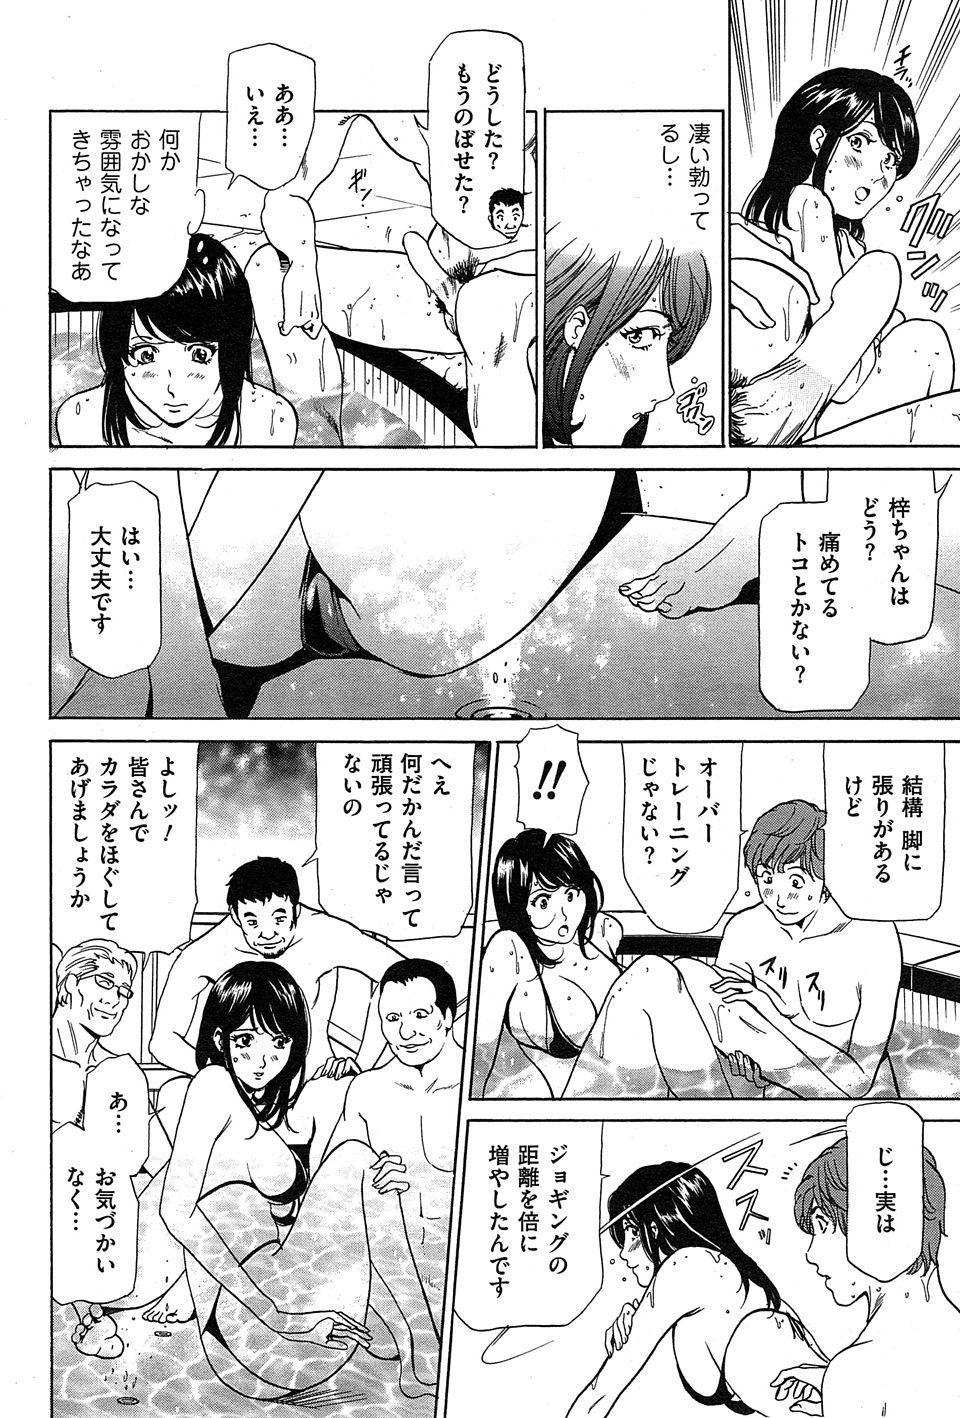 【エロ漫画・エロ同人誌】巨乳OLがジョギングの走友会仲間と乱交エッチしてるwww (10)